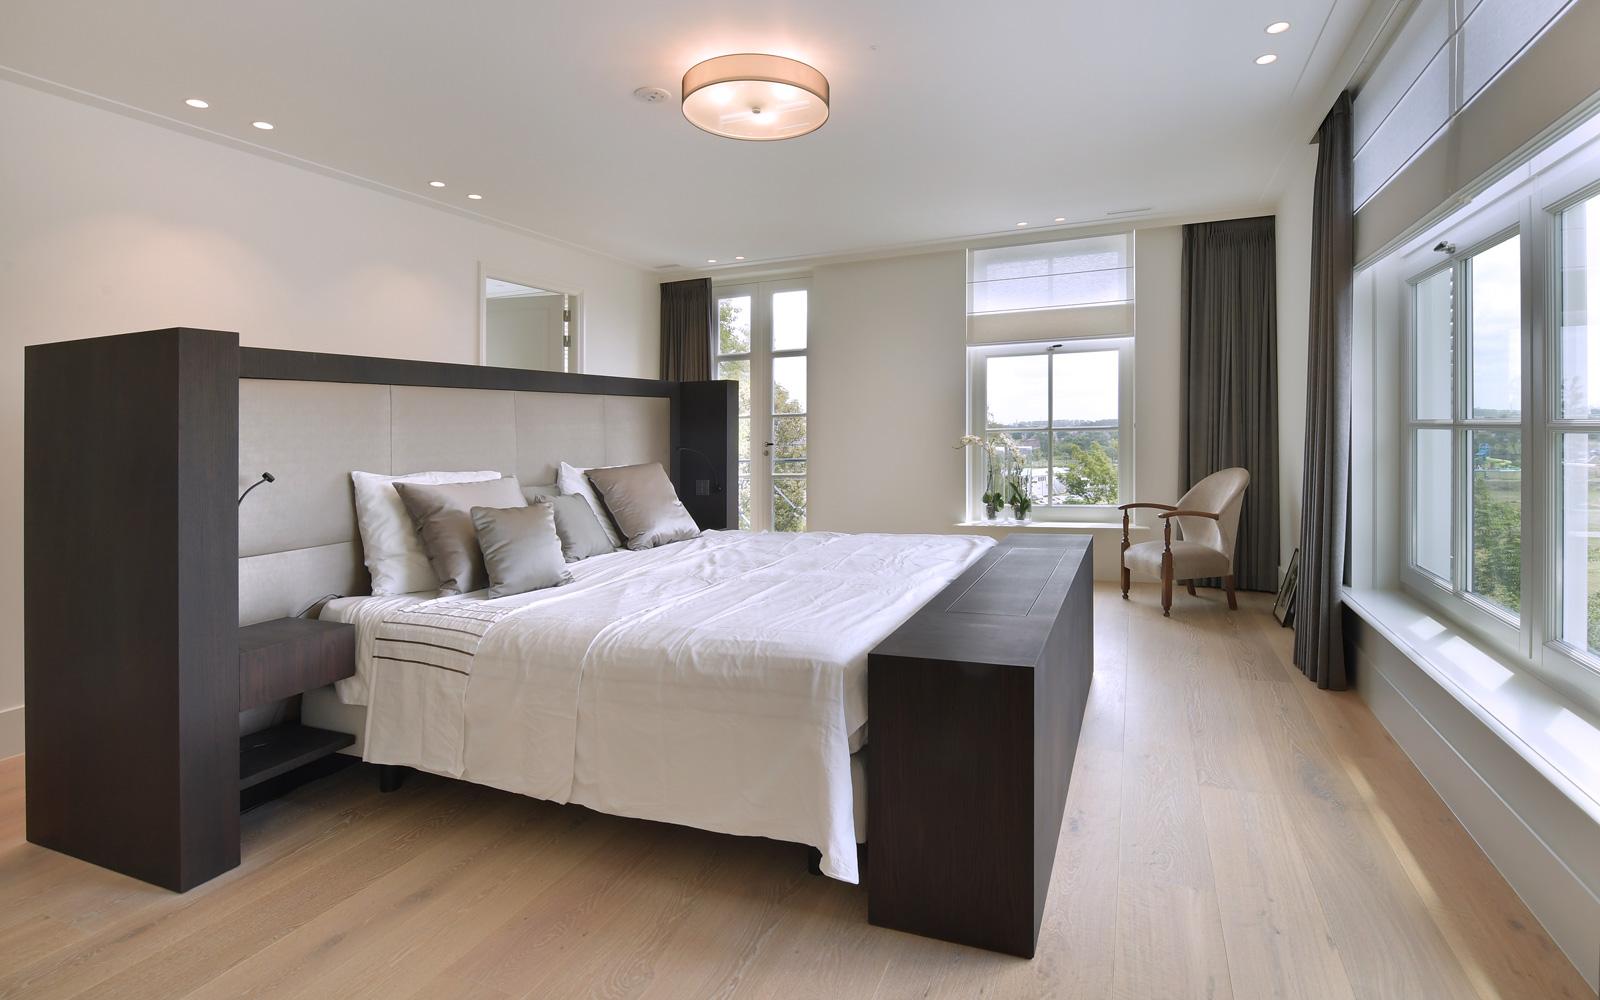 KNAB Interieurbouw heeft ook het interieur in de slaapkamer gemaakt.